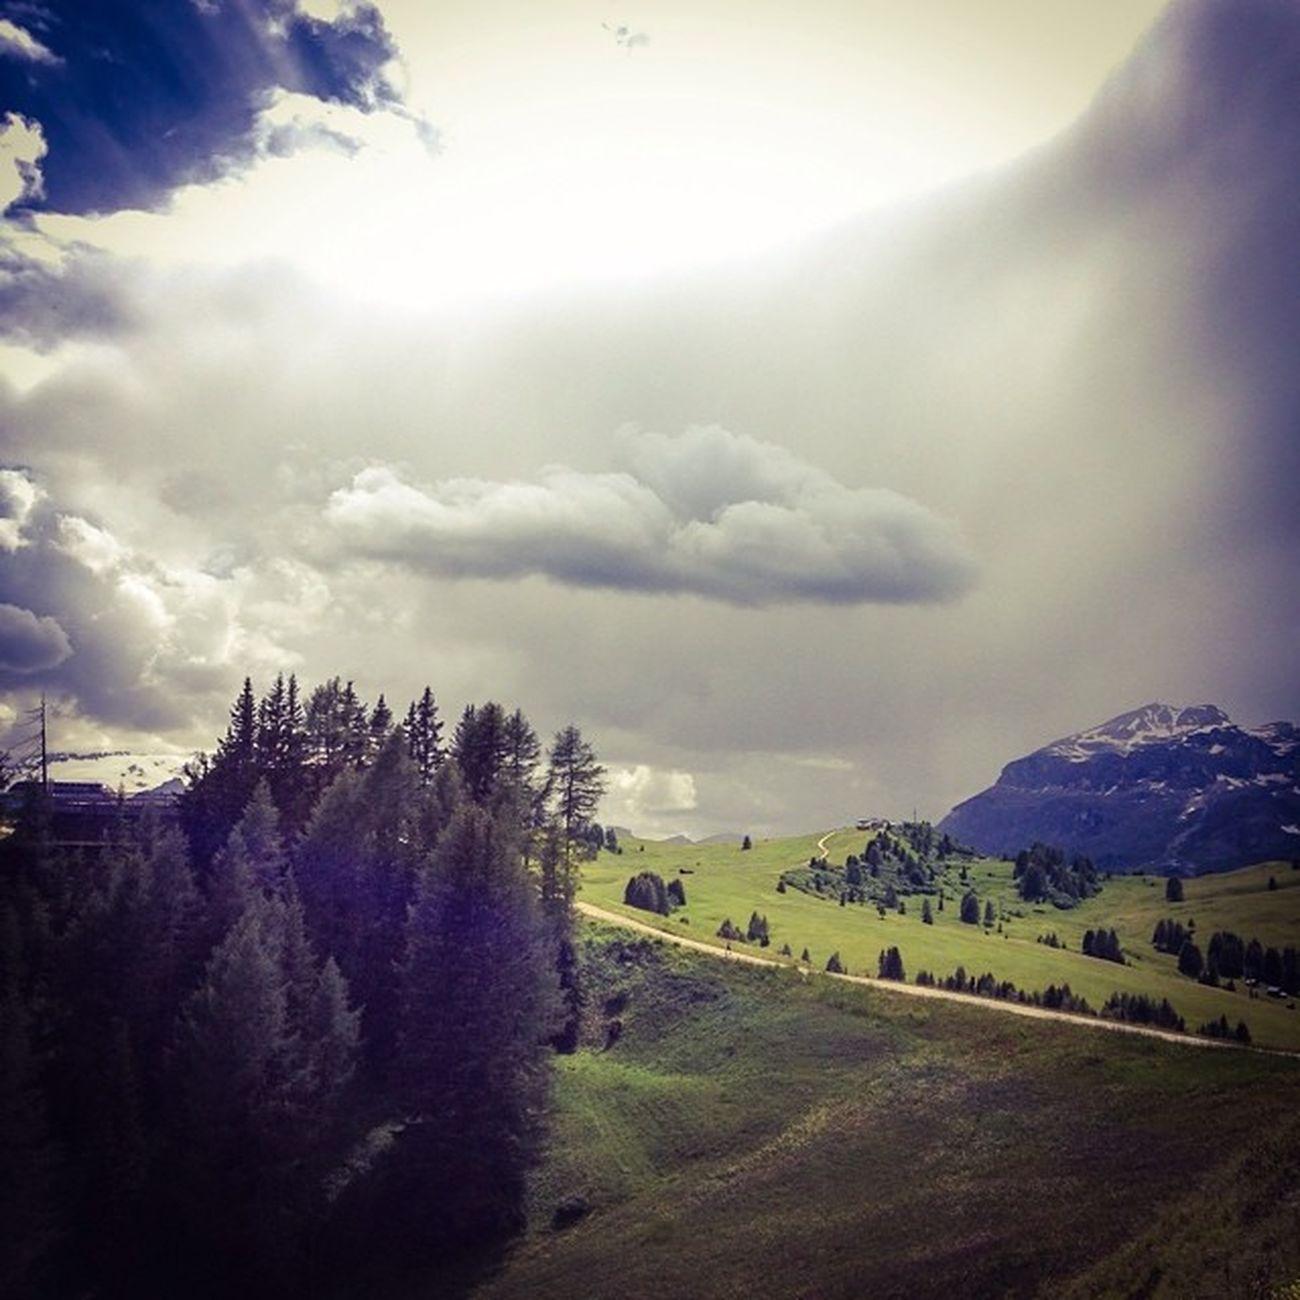 #Nuvola al #Bioch #sancassiano #altabadia #corvara #alps #dolomites #iphonography #lifelessordinary #amazinglight #MeshPics #webstapick